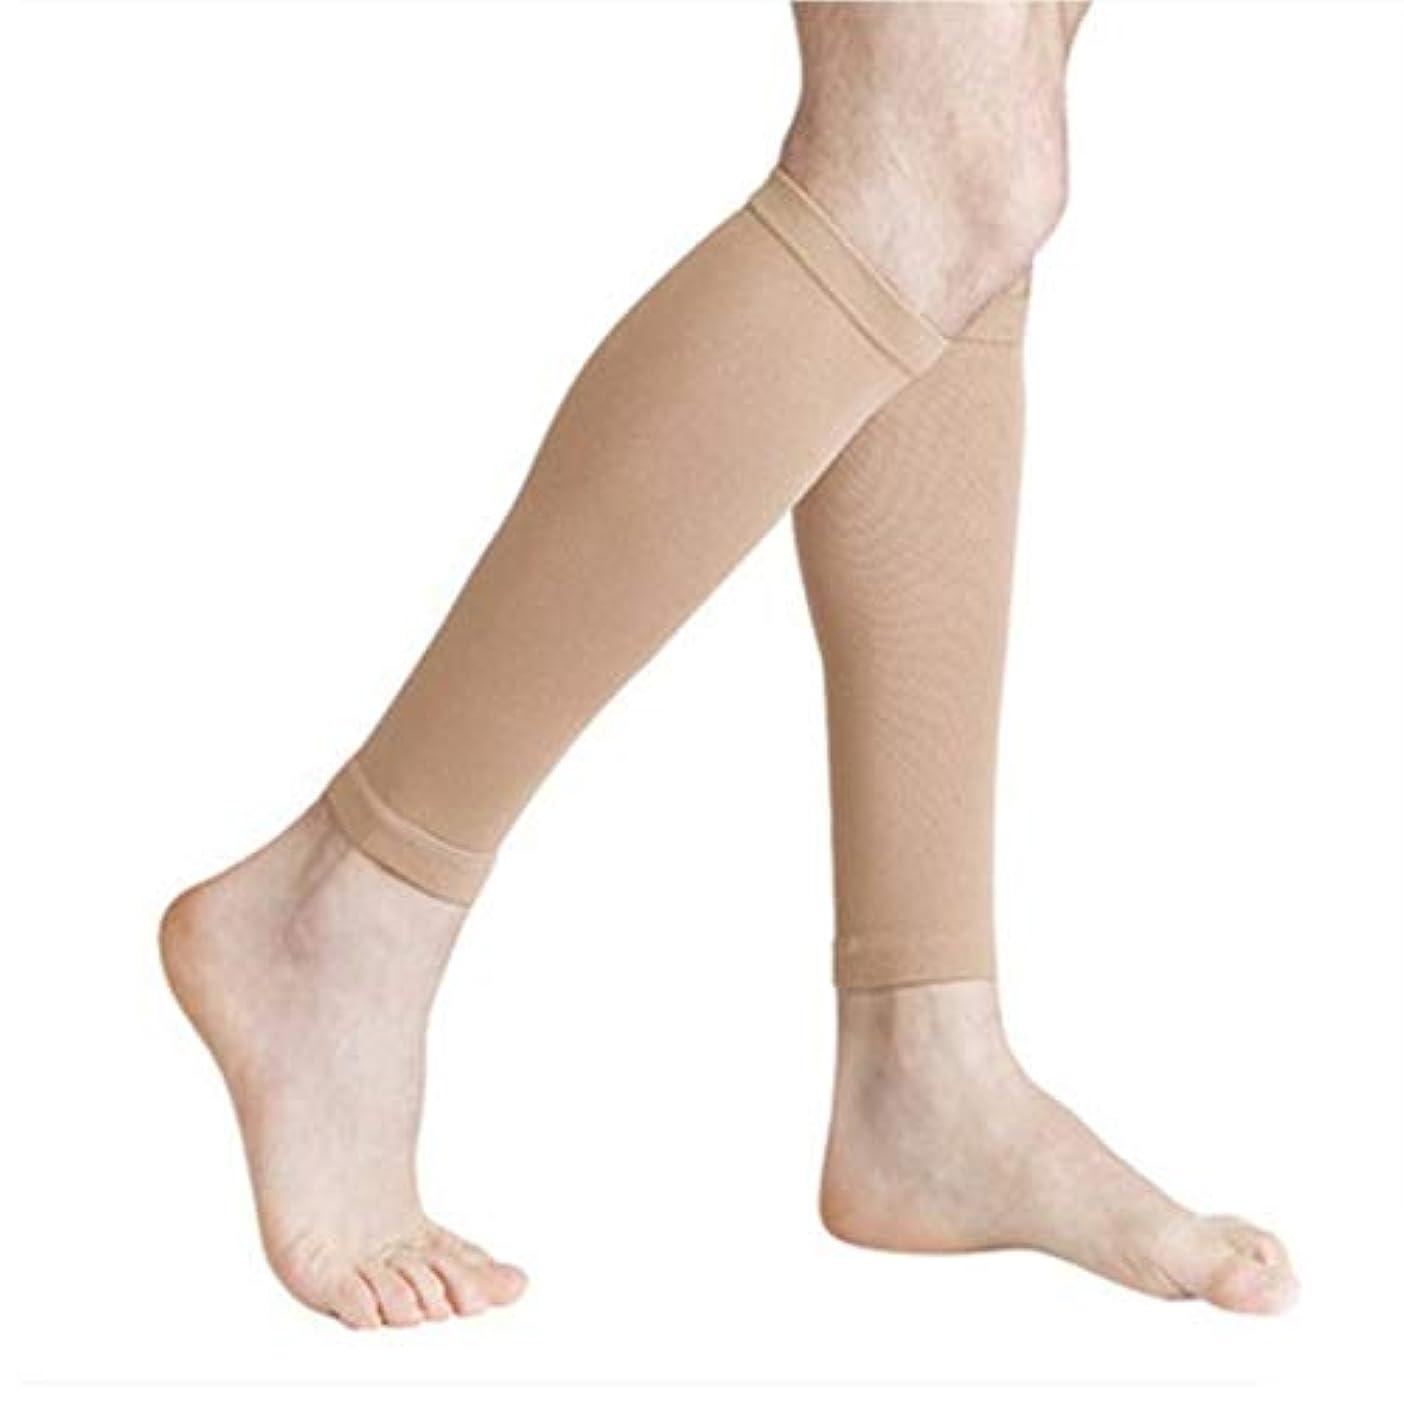 状カップル国勢調査ふくらはぎコンプレッションスリーブ脚コンプレッションソックスシンスプリントふくらはぎの痛みを軽減メンズランニング用サイクリング女性用スリーブ-スキン